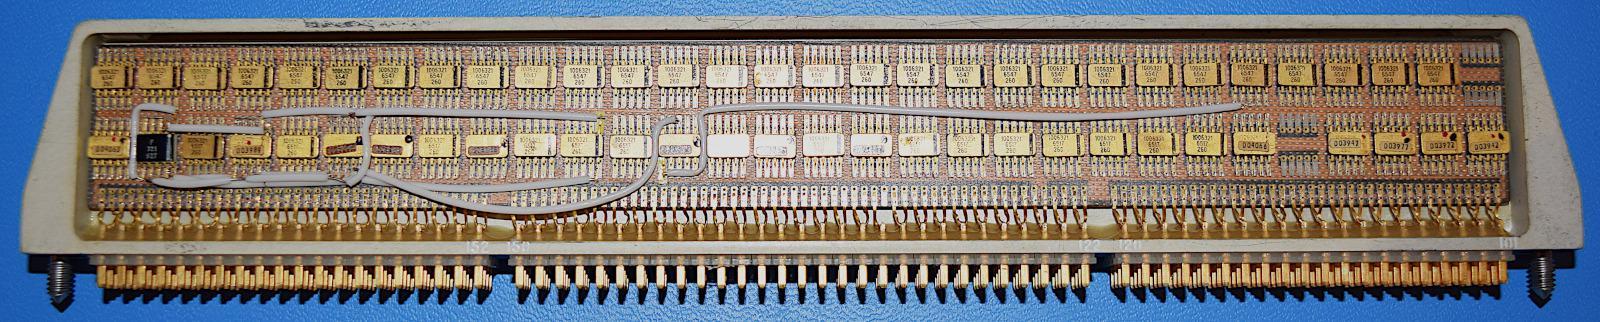 Компьютер на базе вентилей NOR: внутри бортового управляющего компьютера «Аполлона» - 12